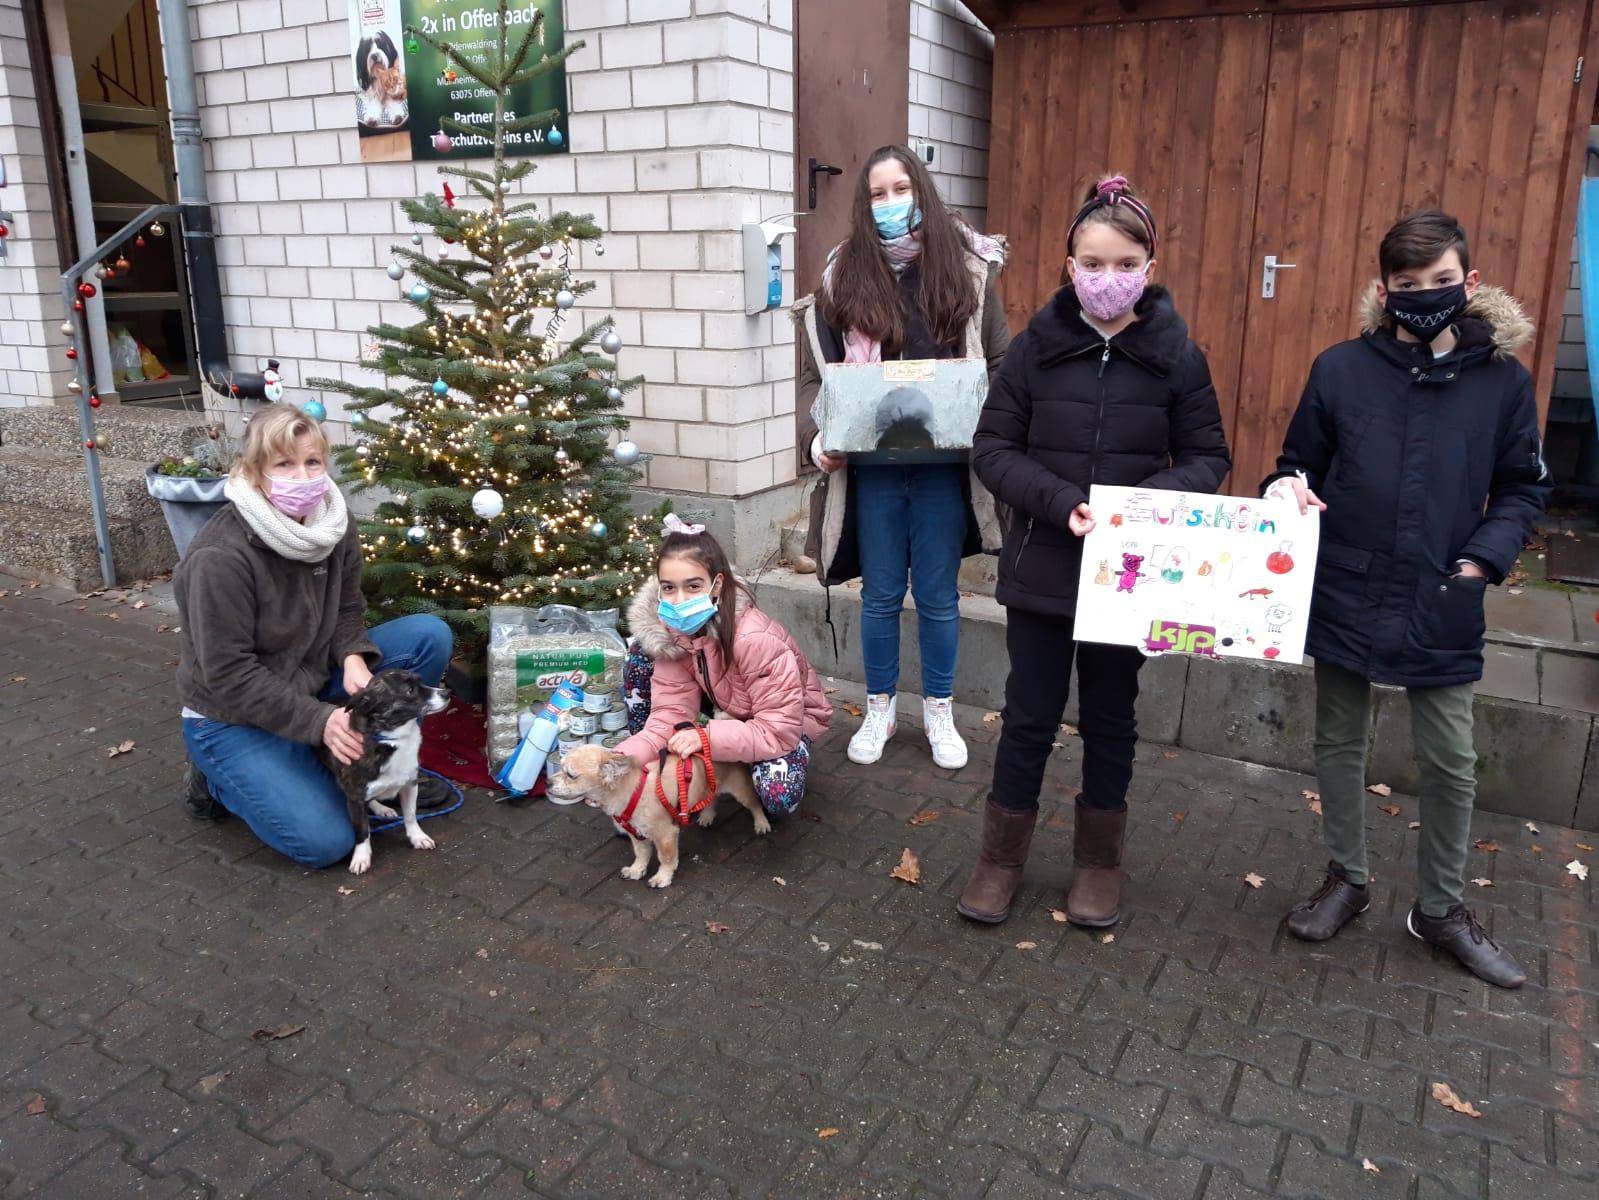 Kinderfraktion spendet an Tierschutzverein und Integrationsprojekt des Freiwilligenzentrums Offenbach